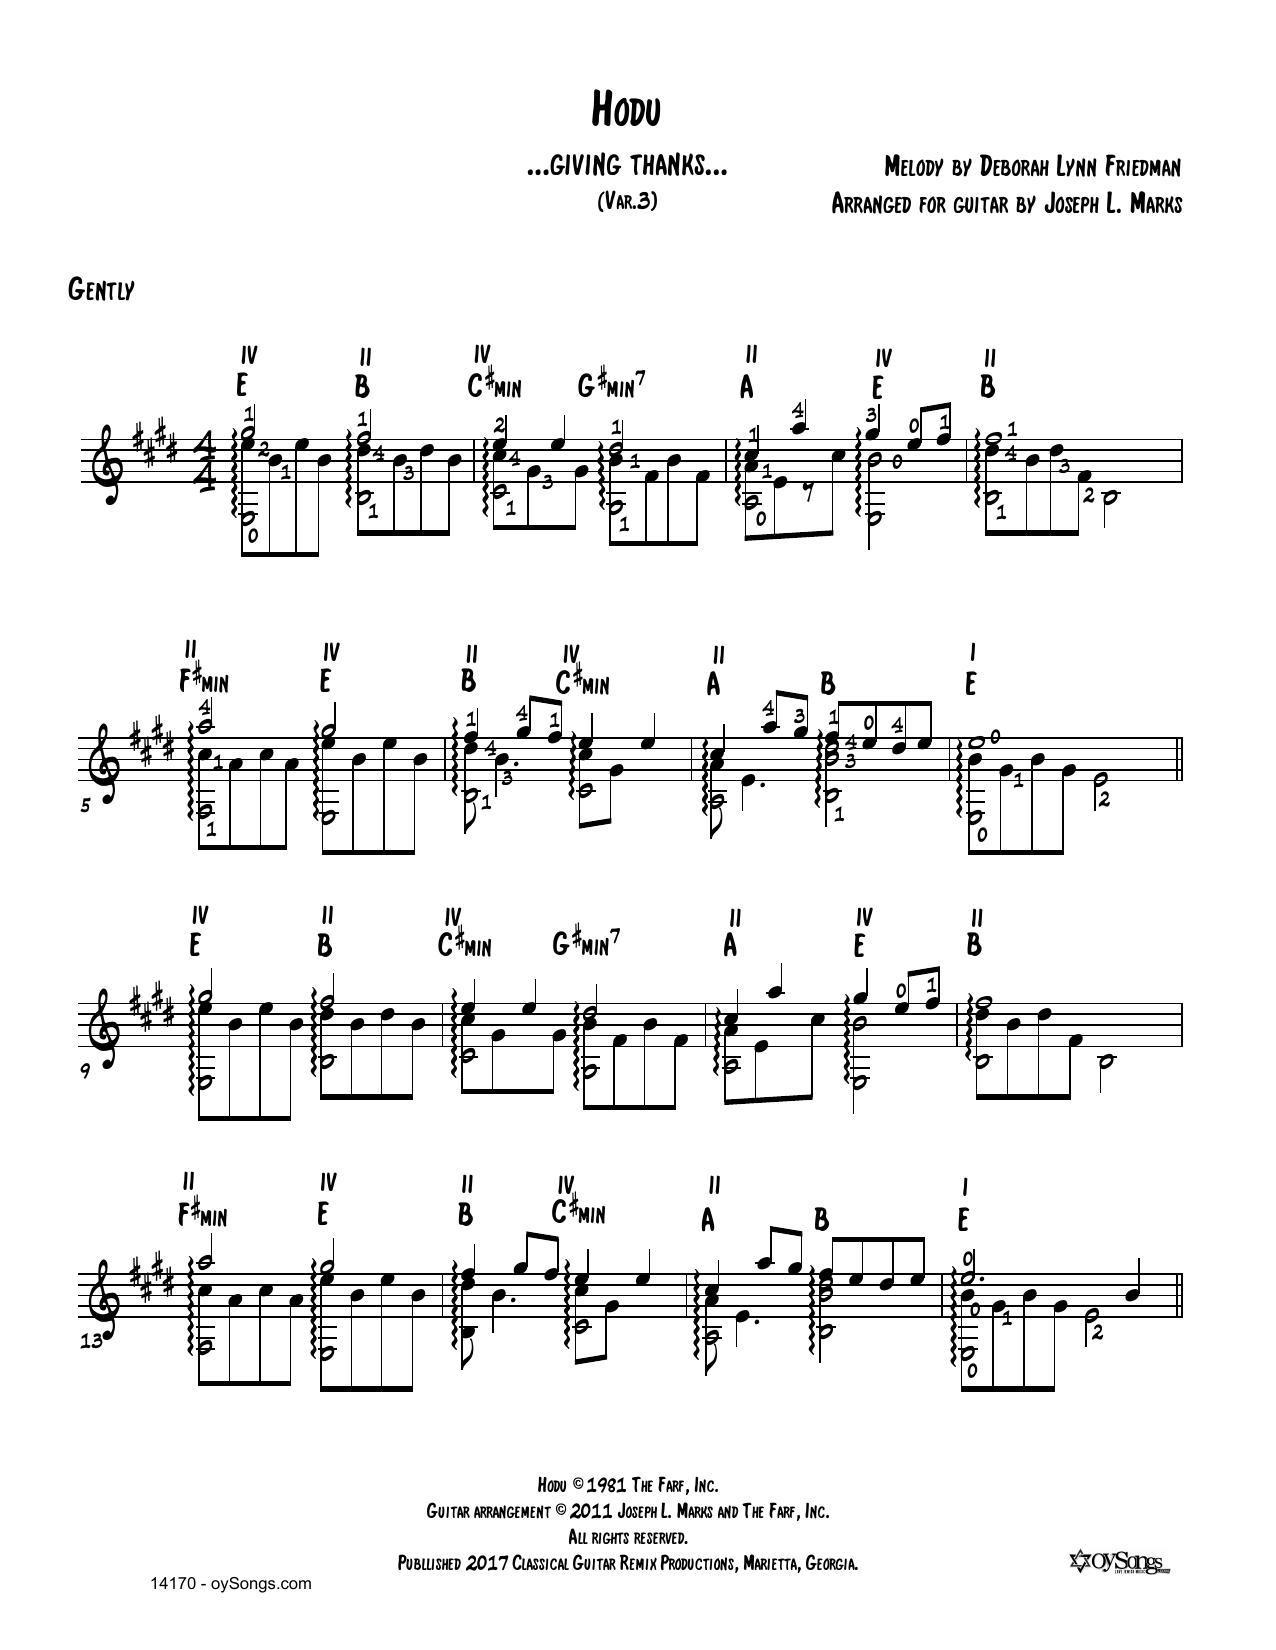 Hodu Vars 1, 2 Sheet Music